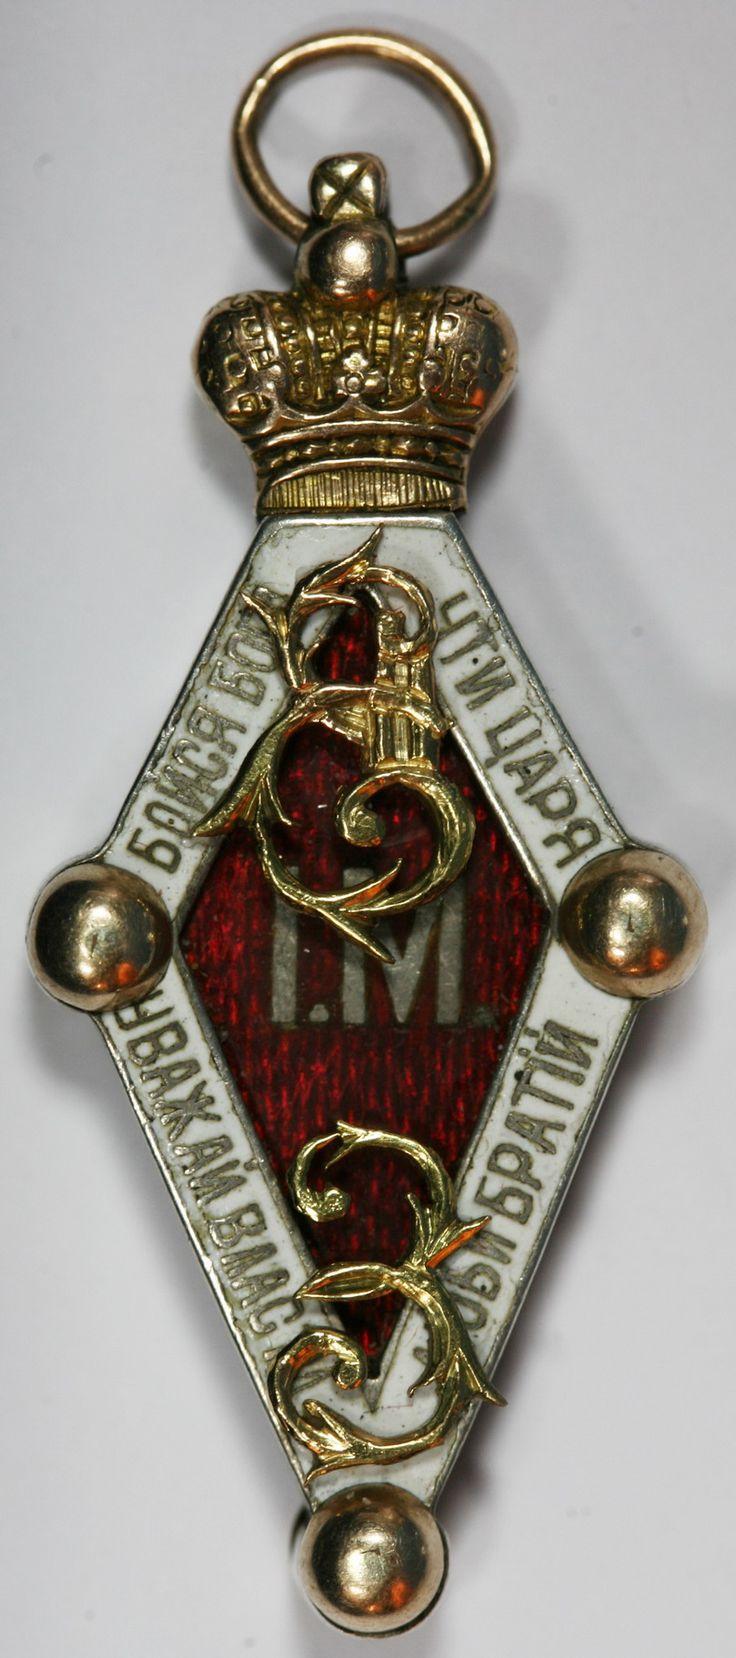 Жетон 1-го Московского кадетского корпуса. Серебро, золото, эмаль.